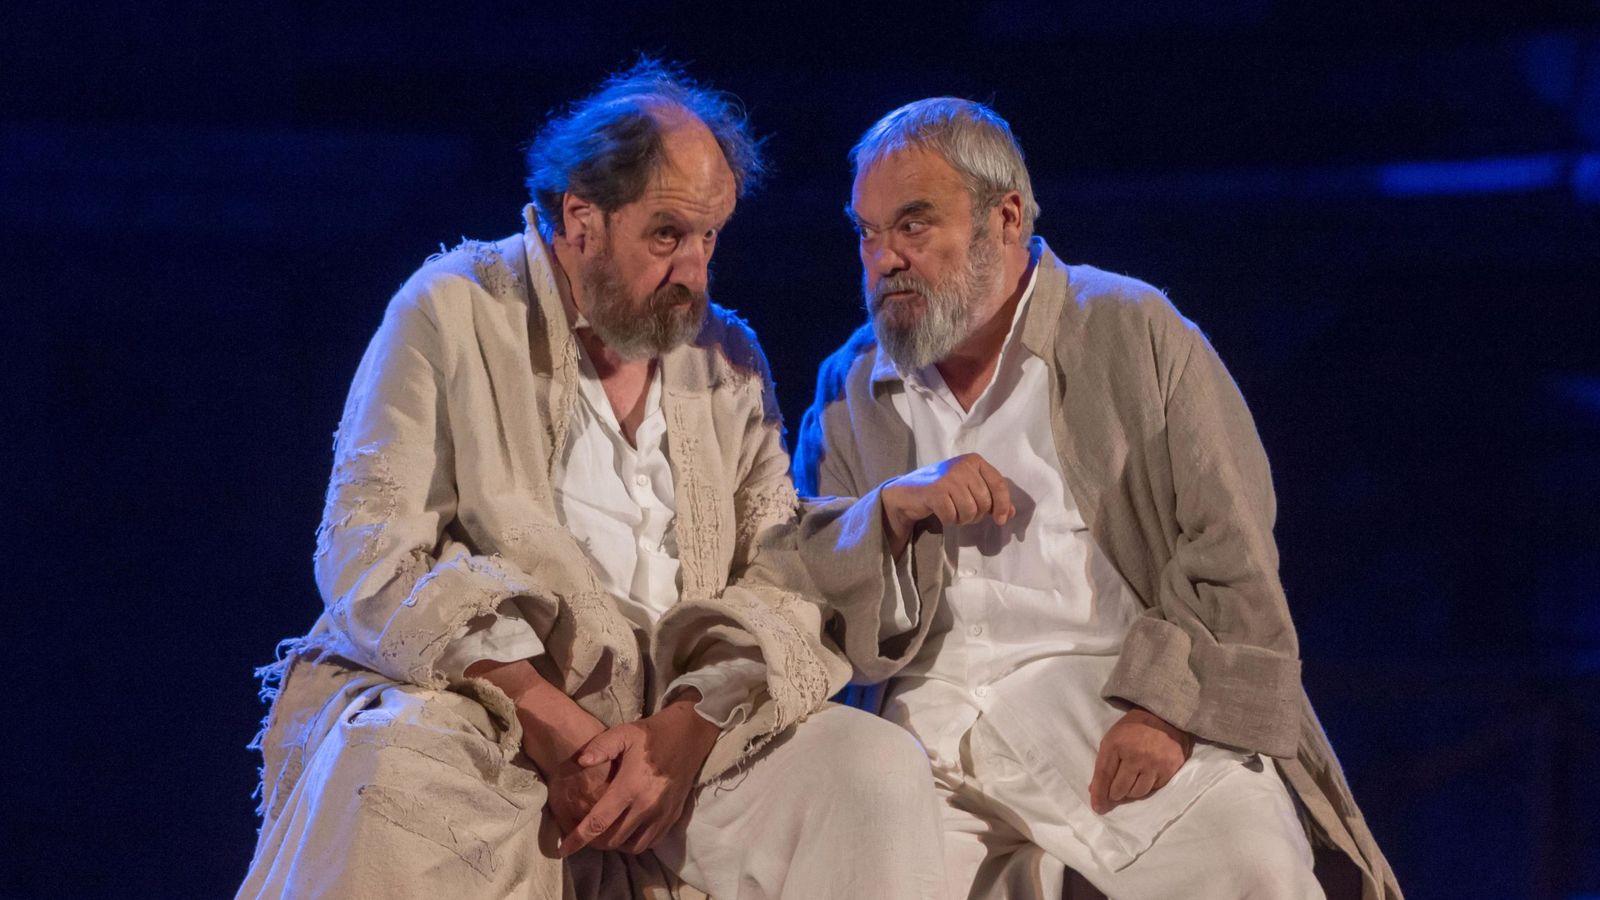 Foto: Josep María Pou y Carlos Canut en 'Sócrates. Juicio y muerte a un ciudadano' (Jero Morales)